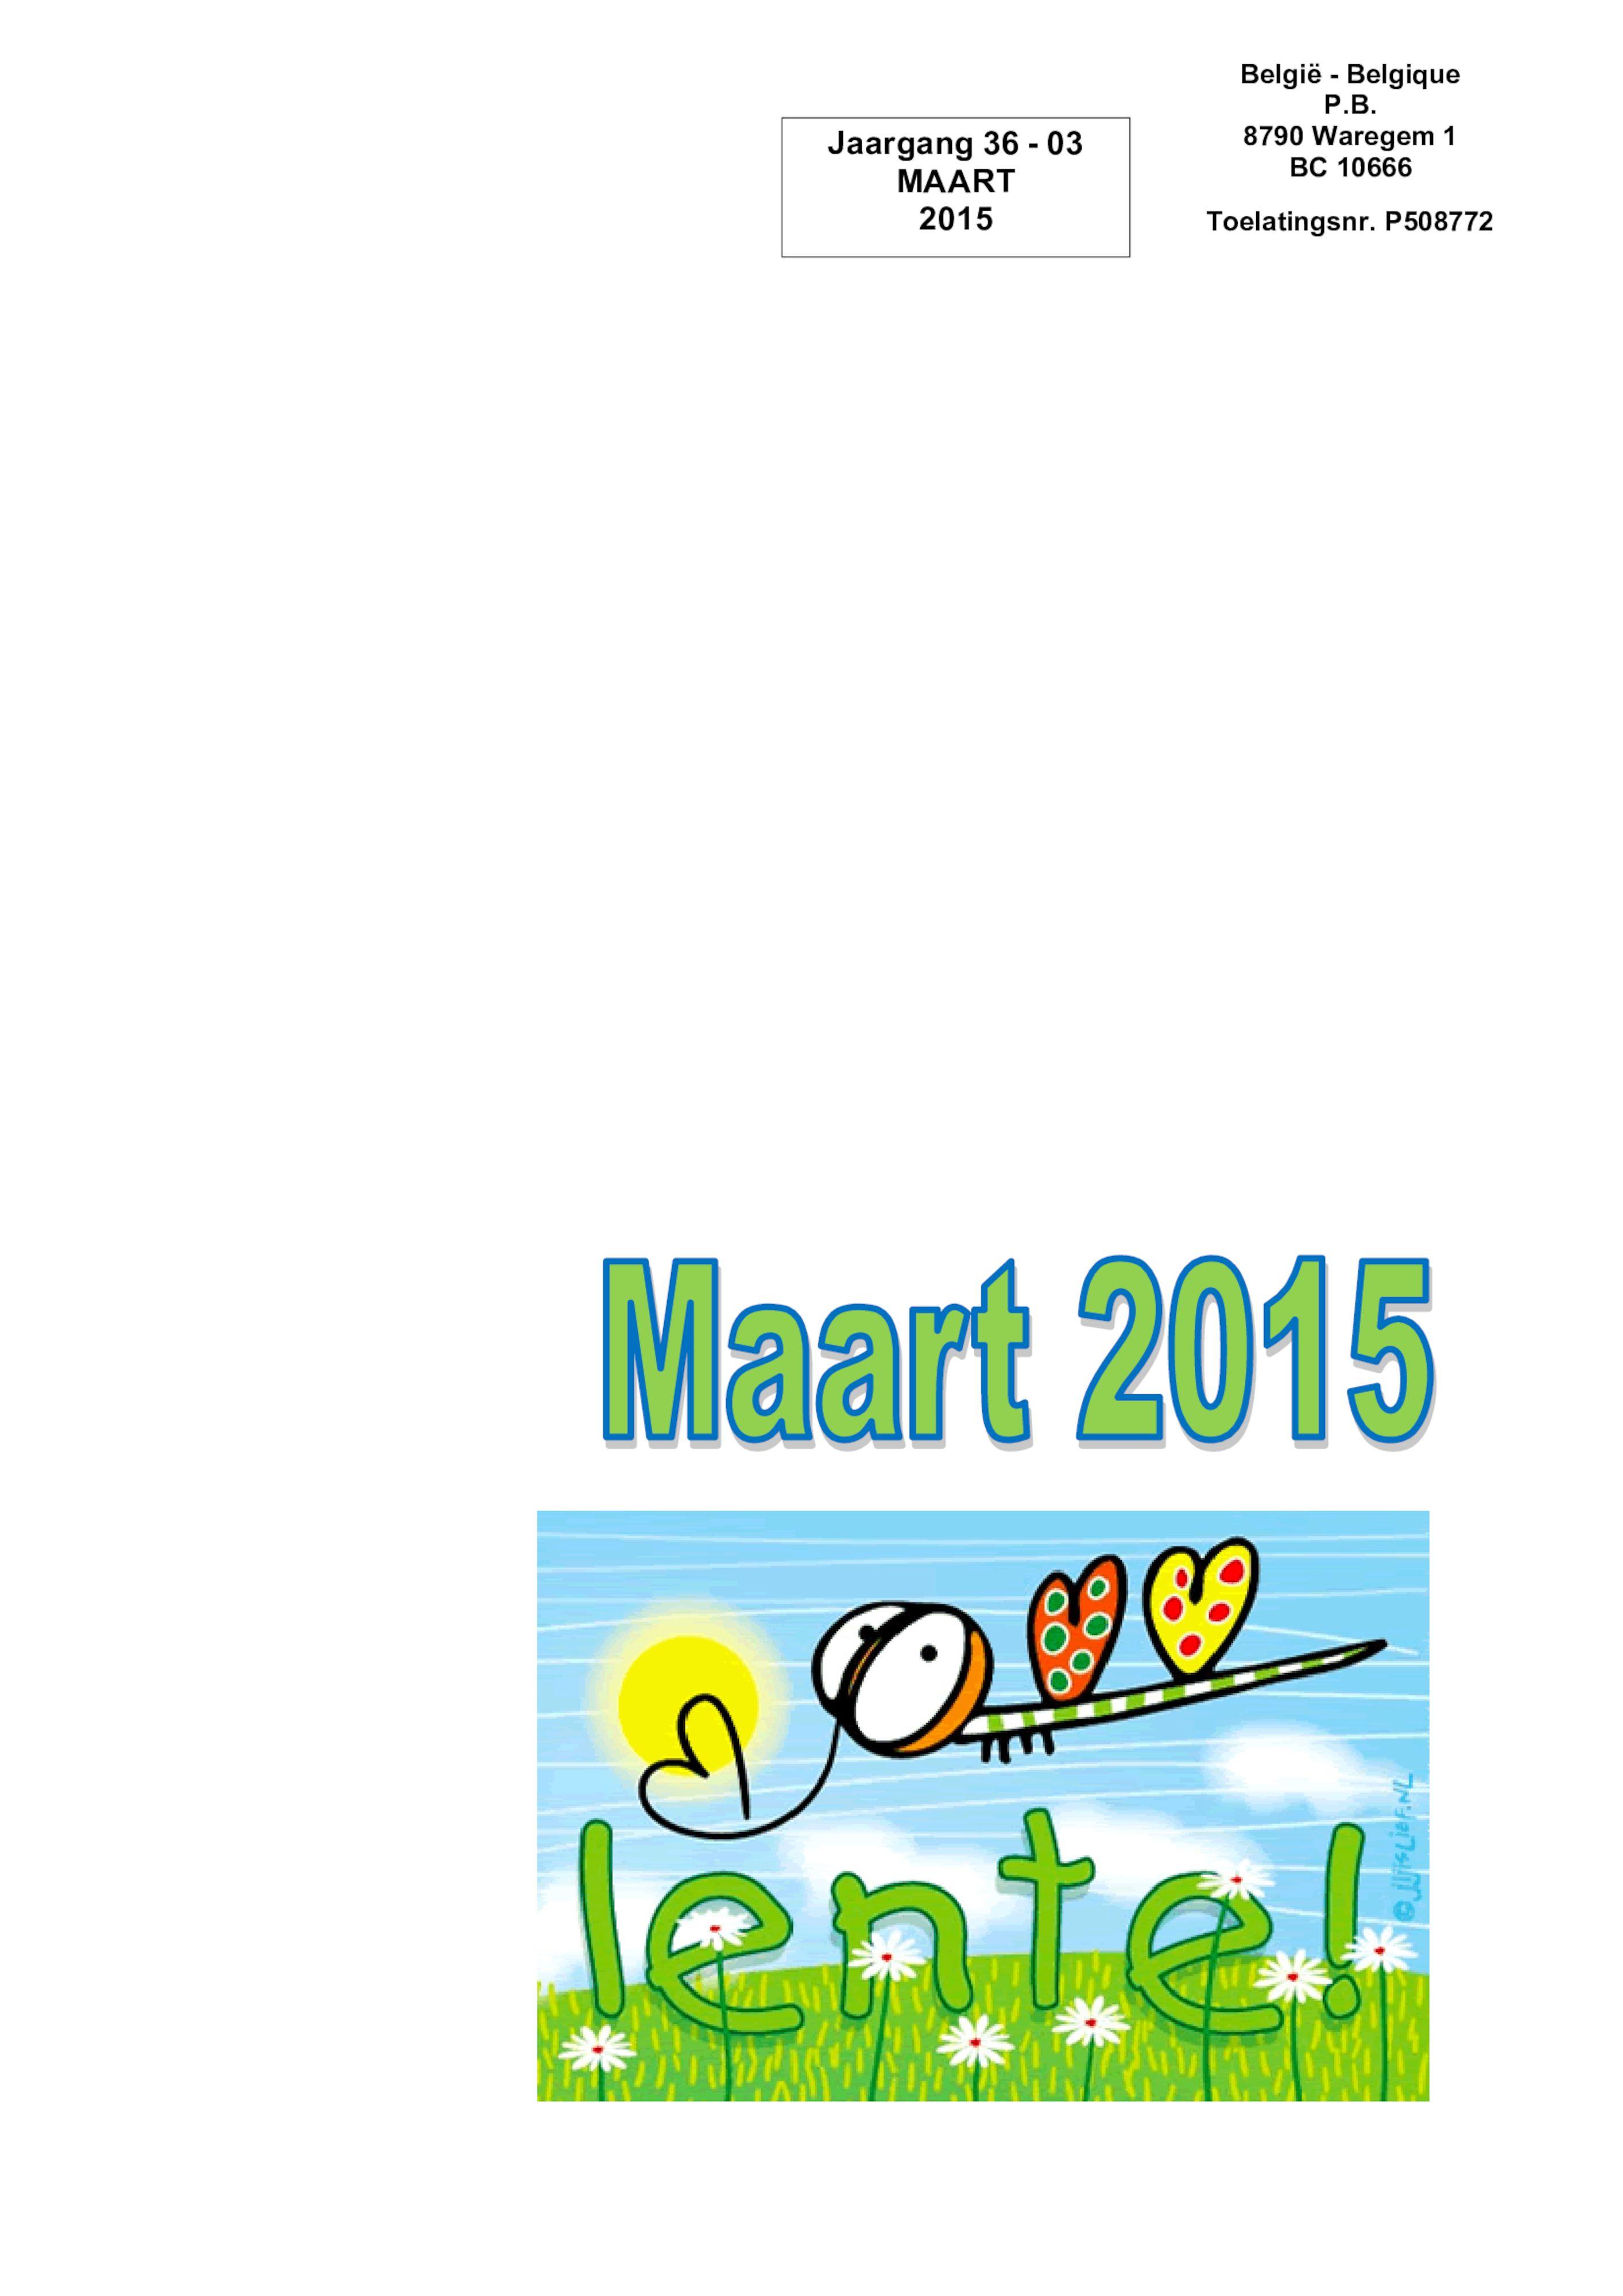 De Belle maart 2015